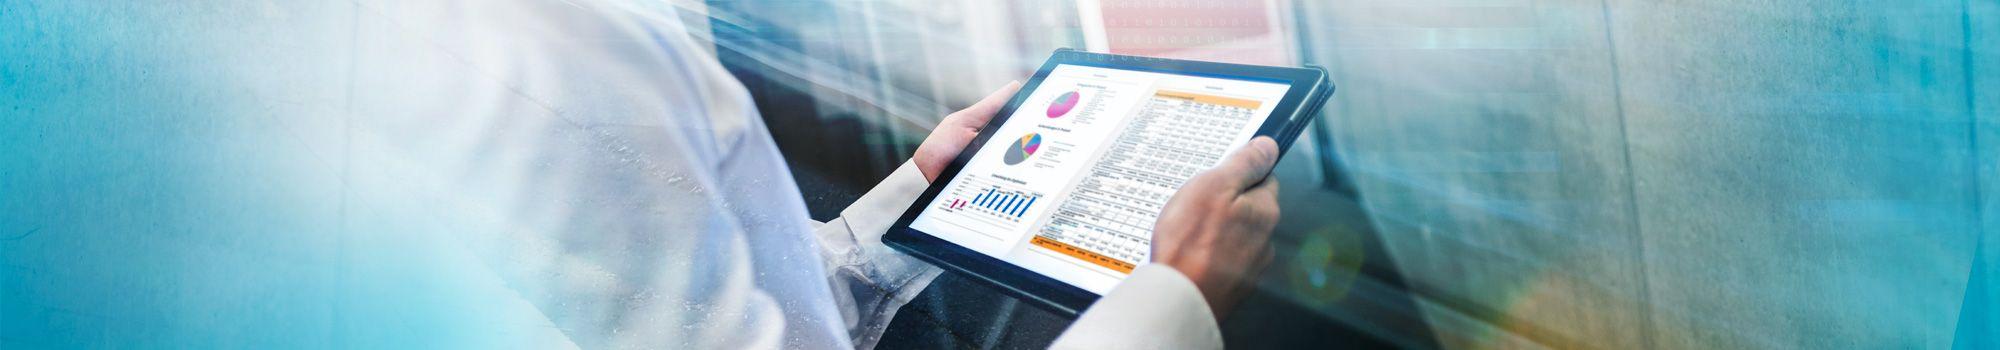 Flexible Module für effiziente Abläufe für fachämterübergreifende Anwendungen